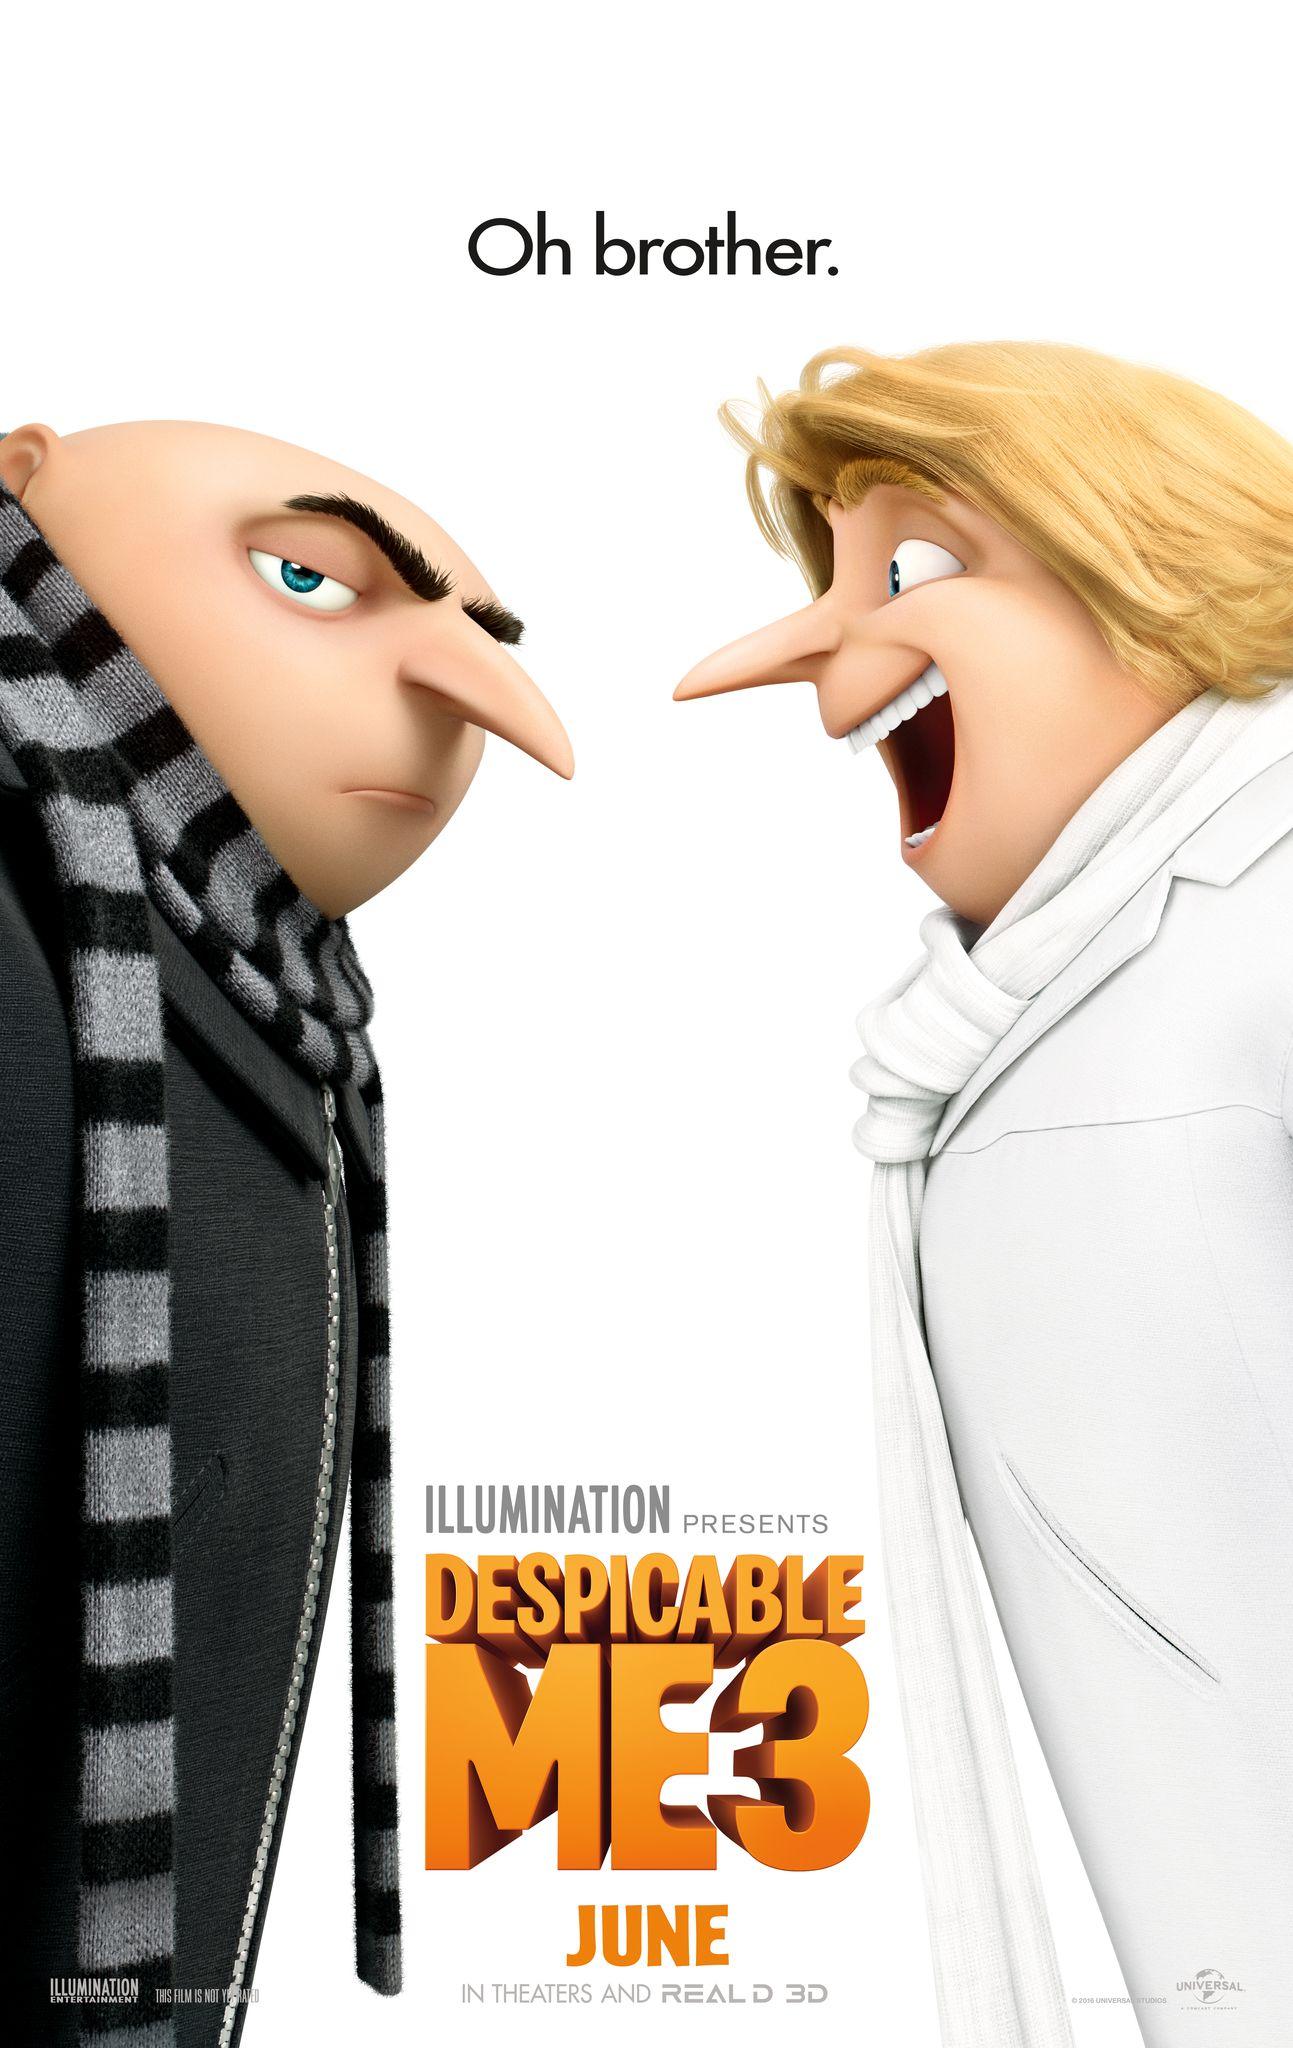 Cilgin Hirsiz 3 Despicable Me 3 Filmci Adam Cilgin Hirsiz Film Animasyon Filmler